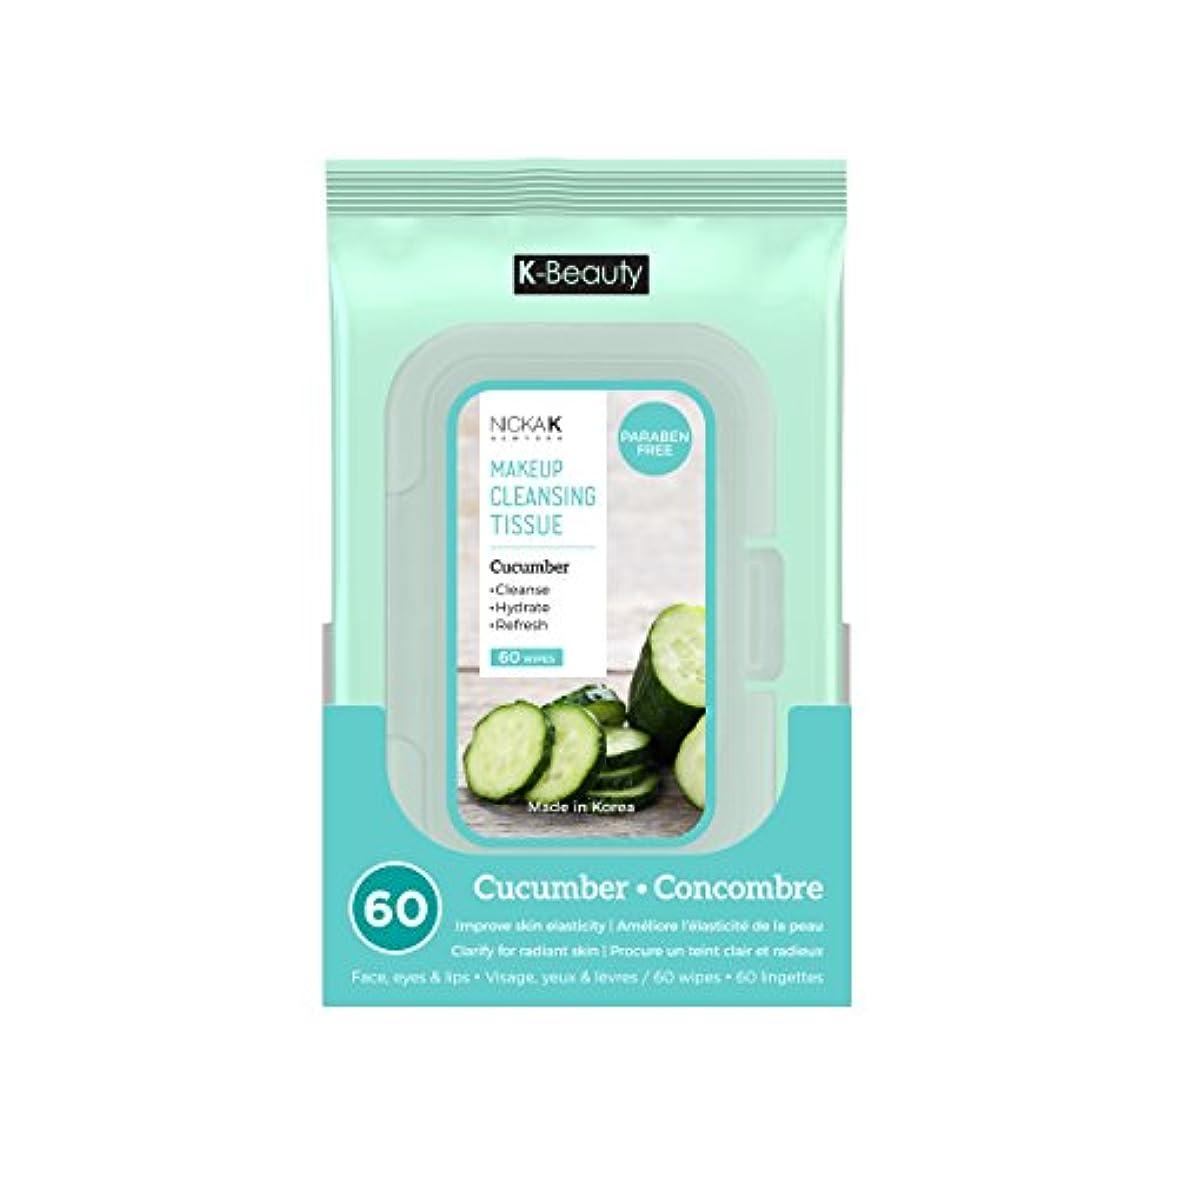 チャーターシャックル寄生虫NICKA K Make Up Cleansing Tissue - Cucumber (並行輸入品)